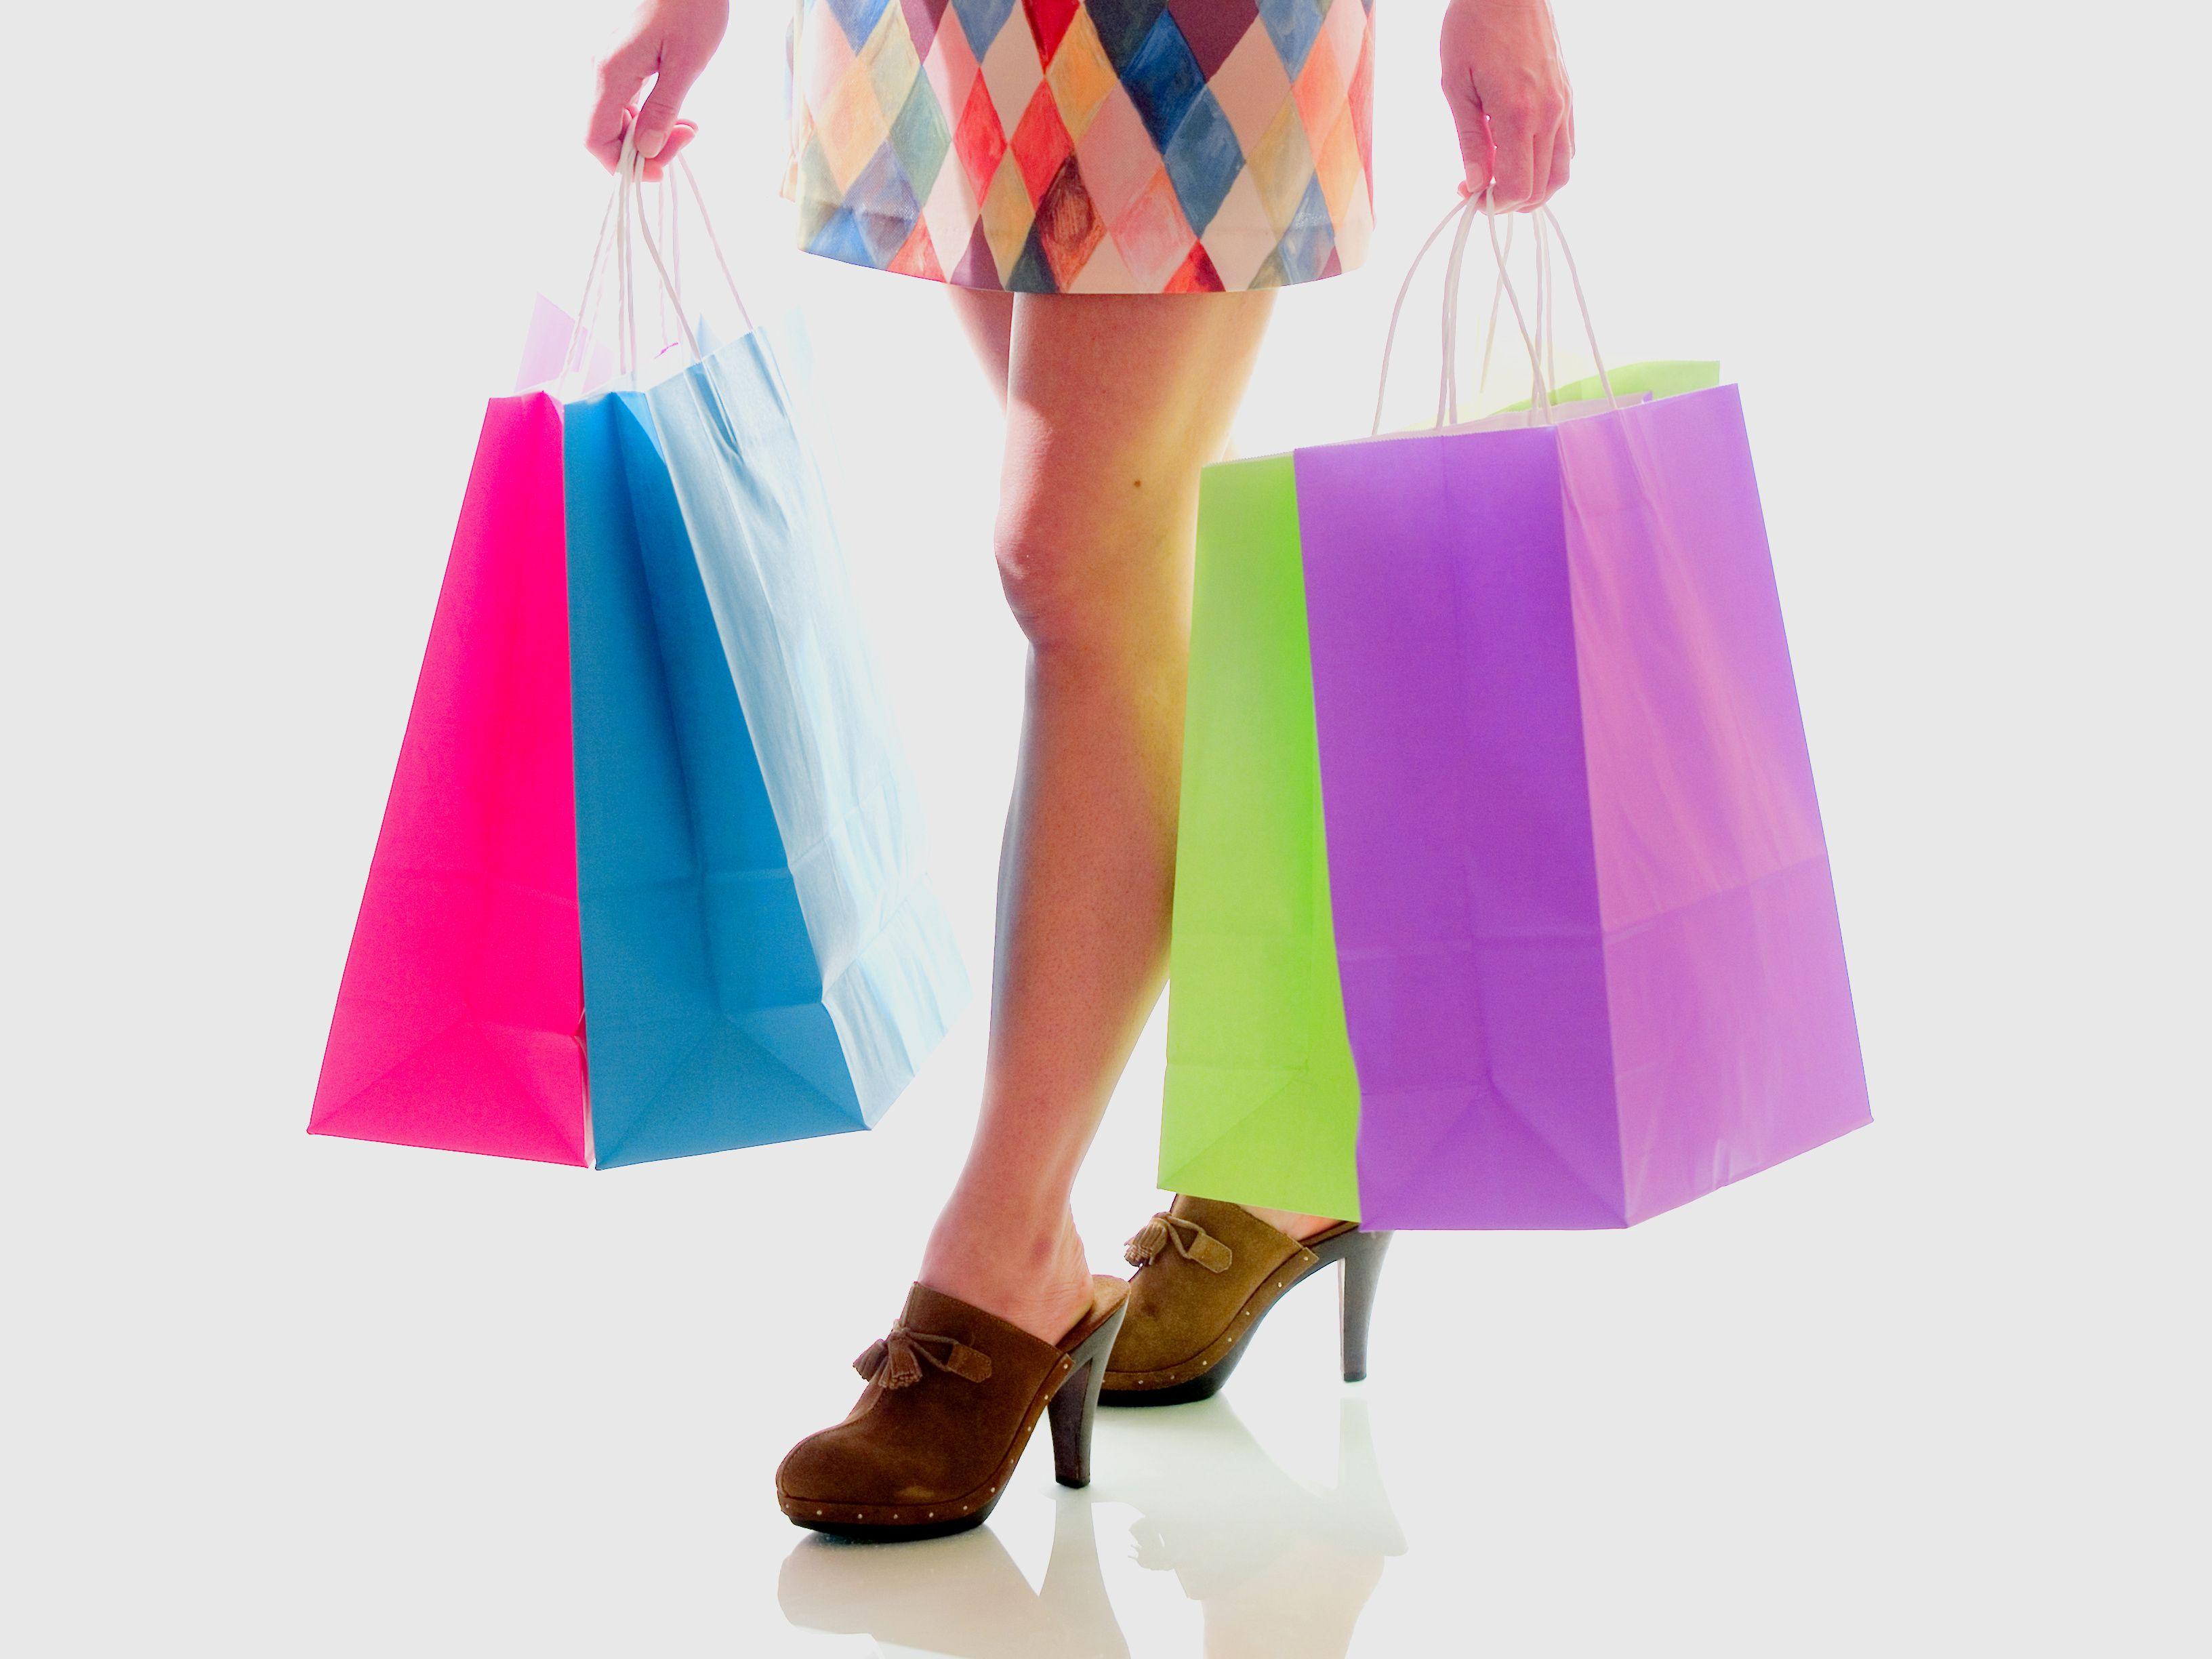 obligaciones-establecimientos-comerciales-libro quejas y reclamaciones-sanciones-multas